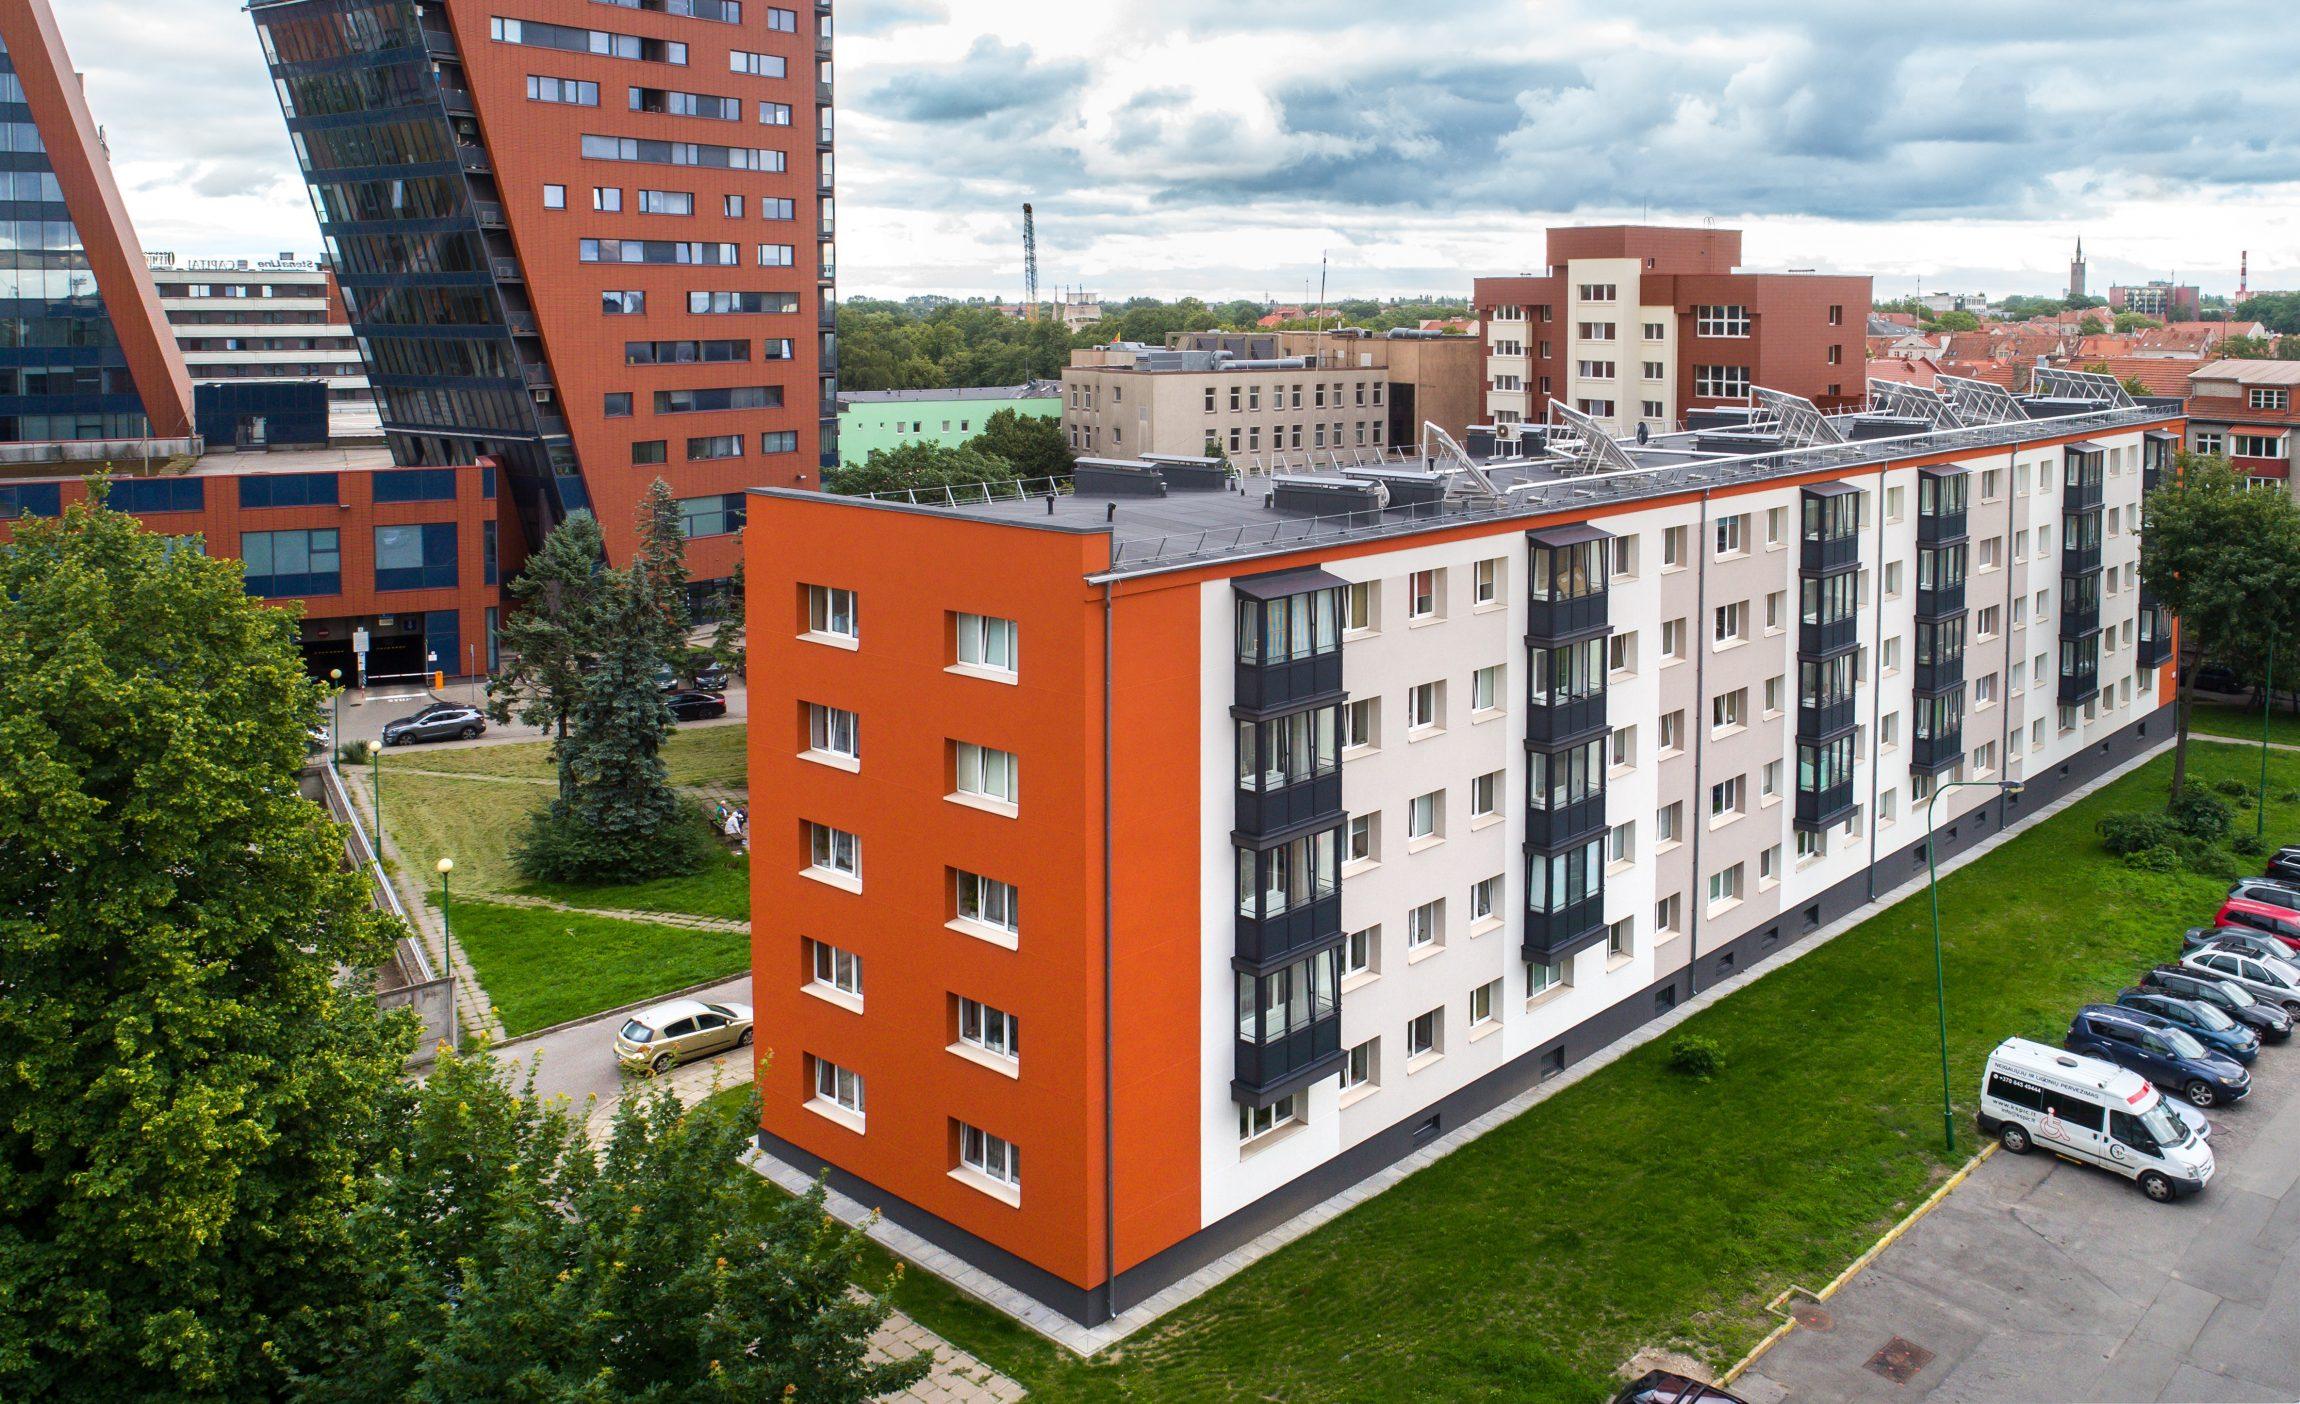 Atvertas naujas statybinio putplasčio EPS naudojimo Lietuvoje istorijos lapas